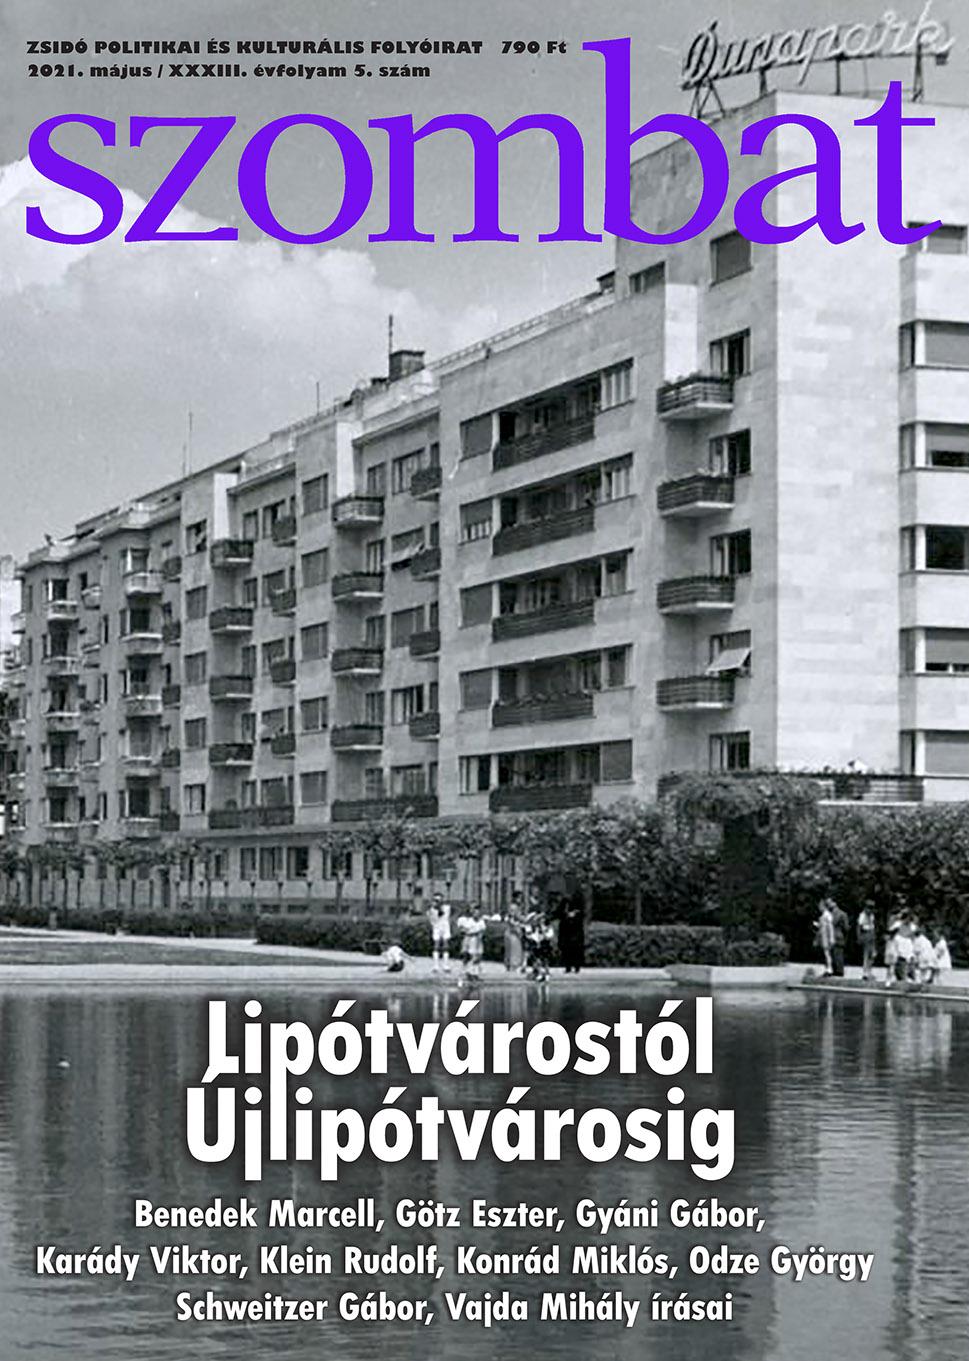 Megjelent a Szombat májusi száma! | Szombat Online